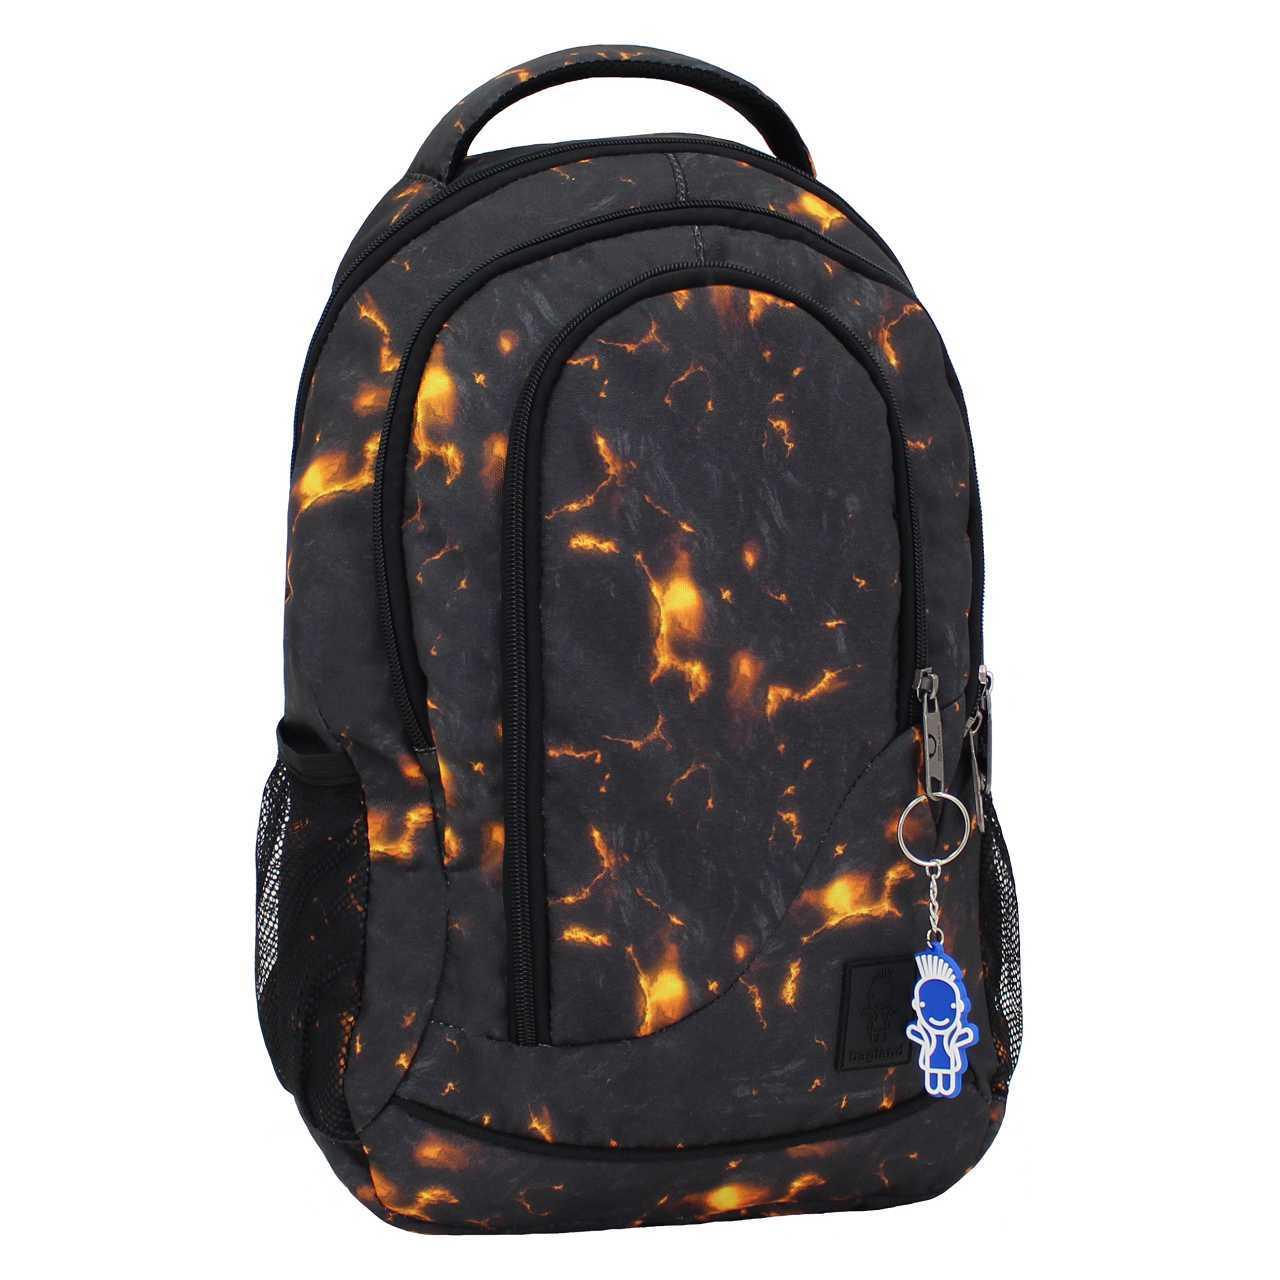 Городские рюкзаки Рюкзак Bagland Бис 19 л. сублимация (лава) (00556664) IMG_7627.jpg